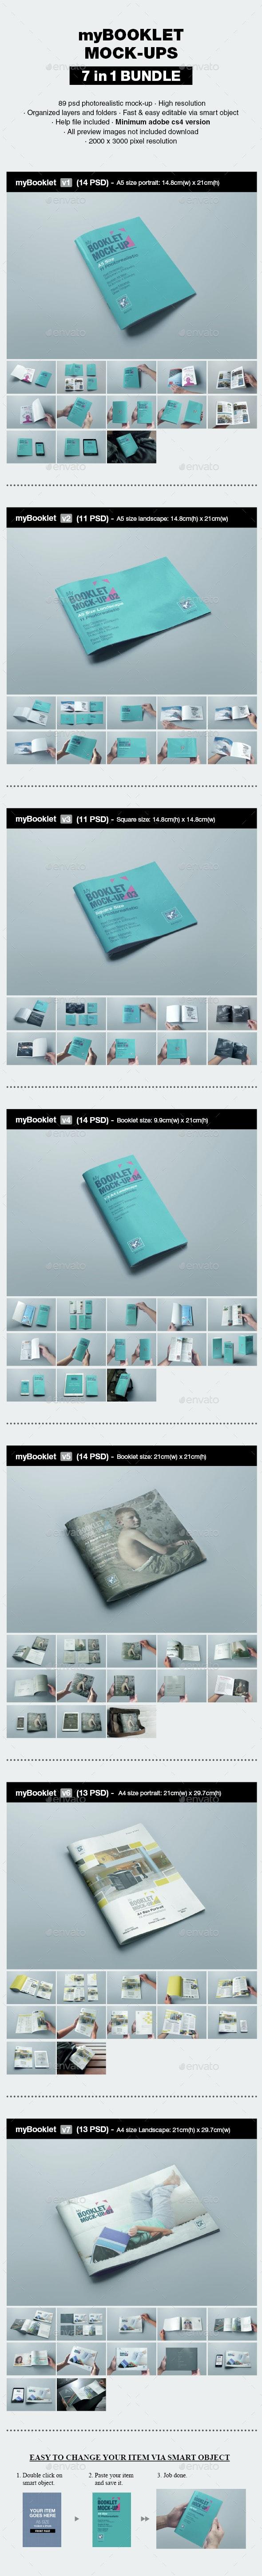 myBooklet Mock-up Bundle - Print Product Mock-Ups